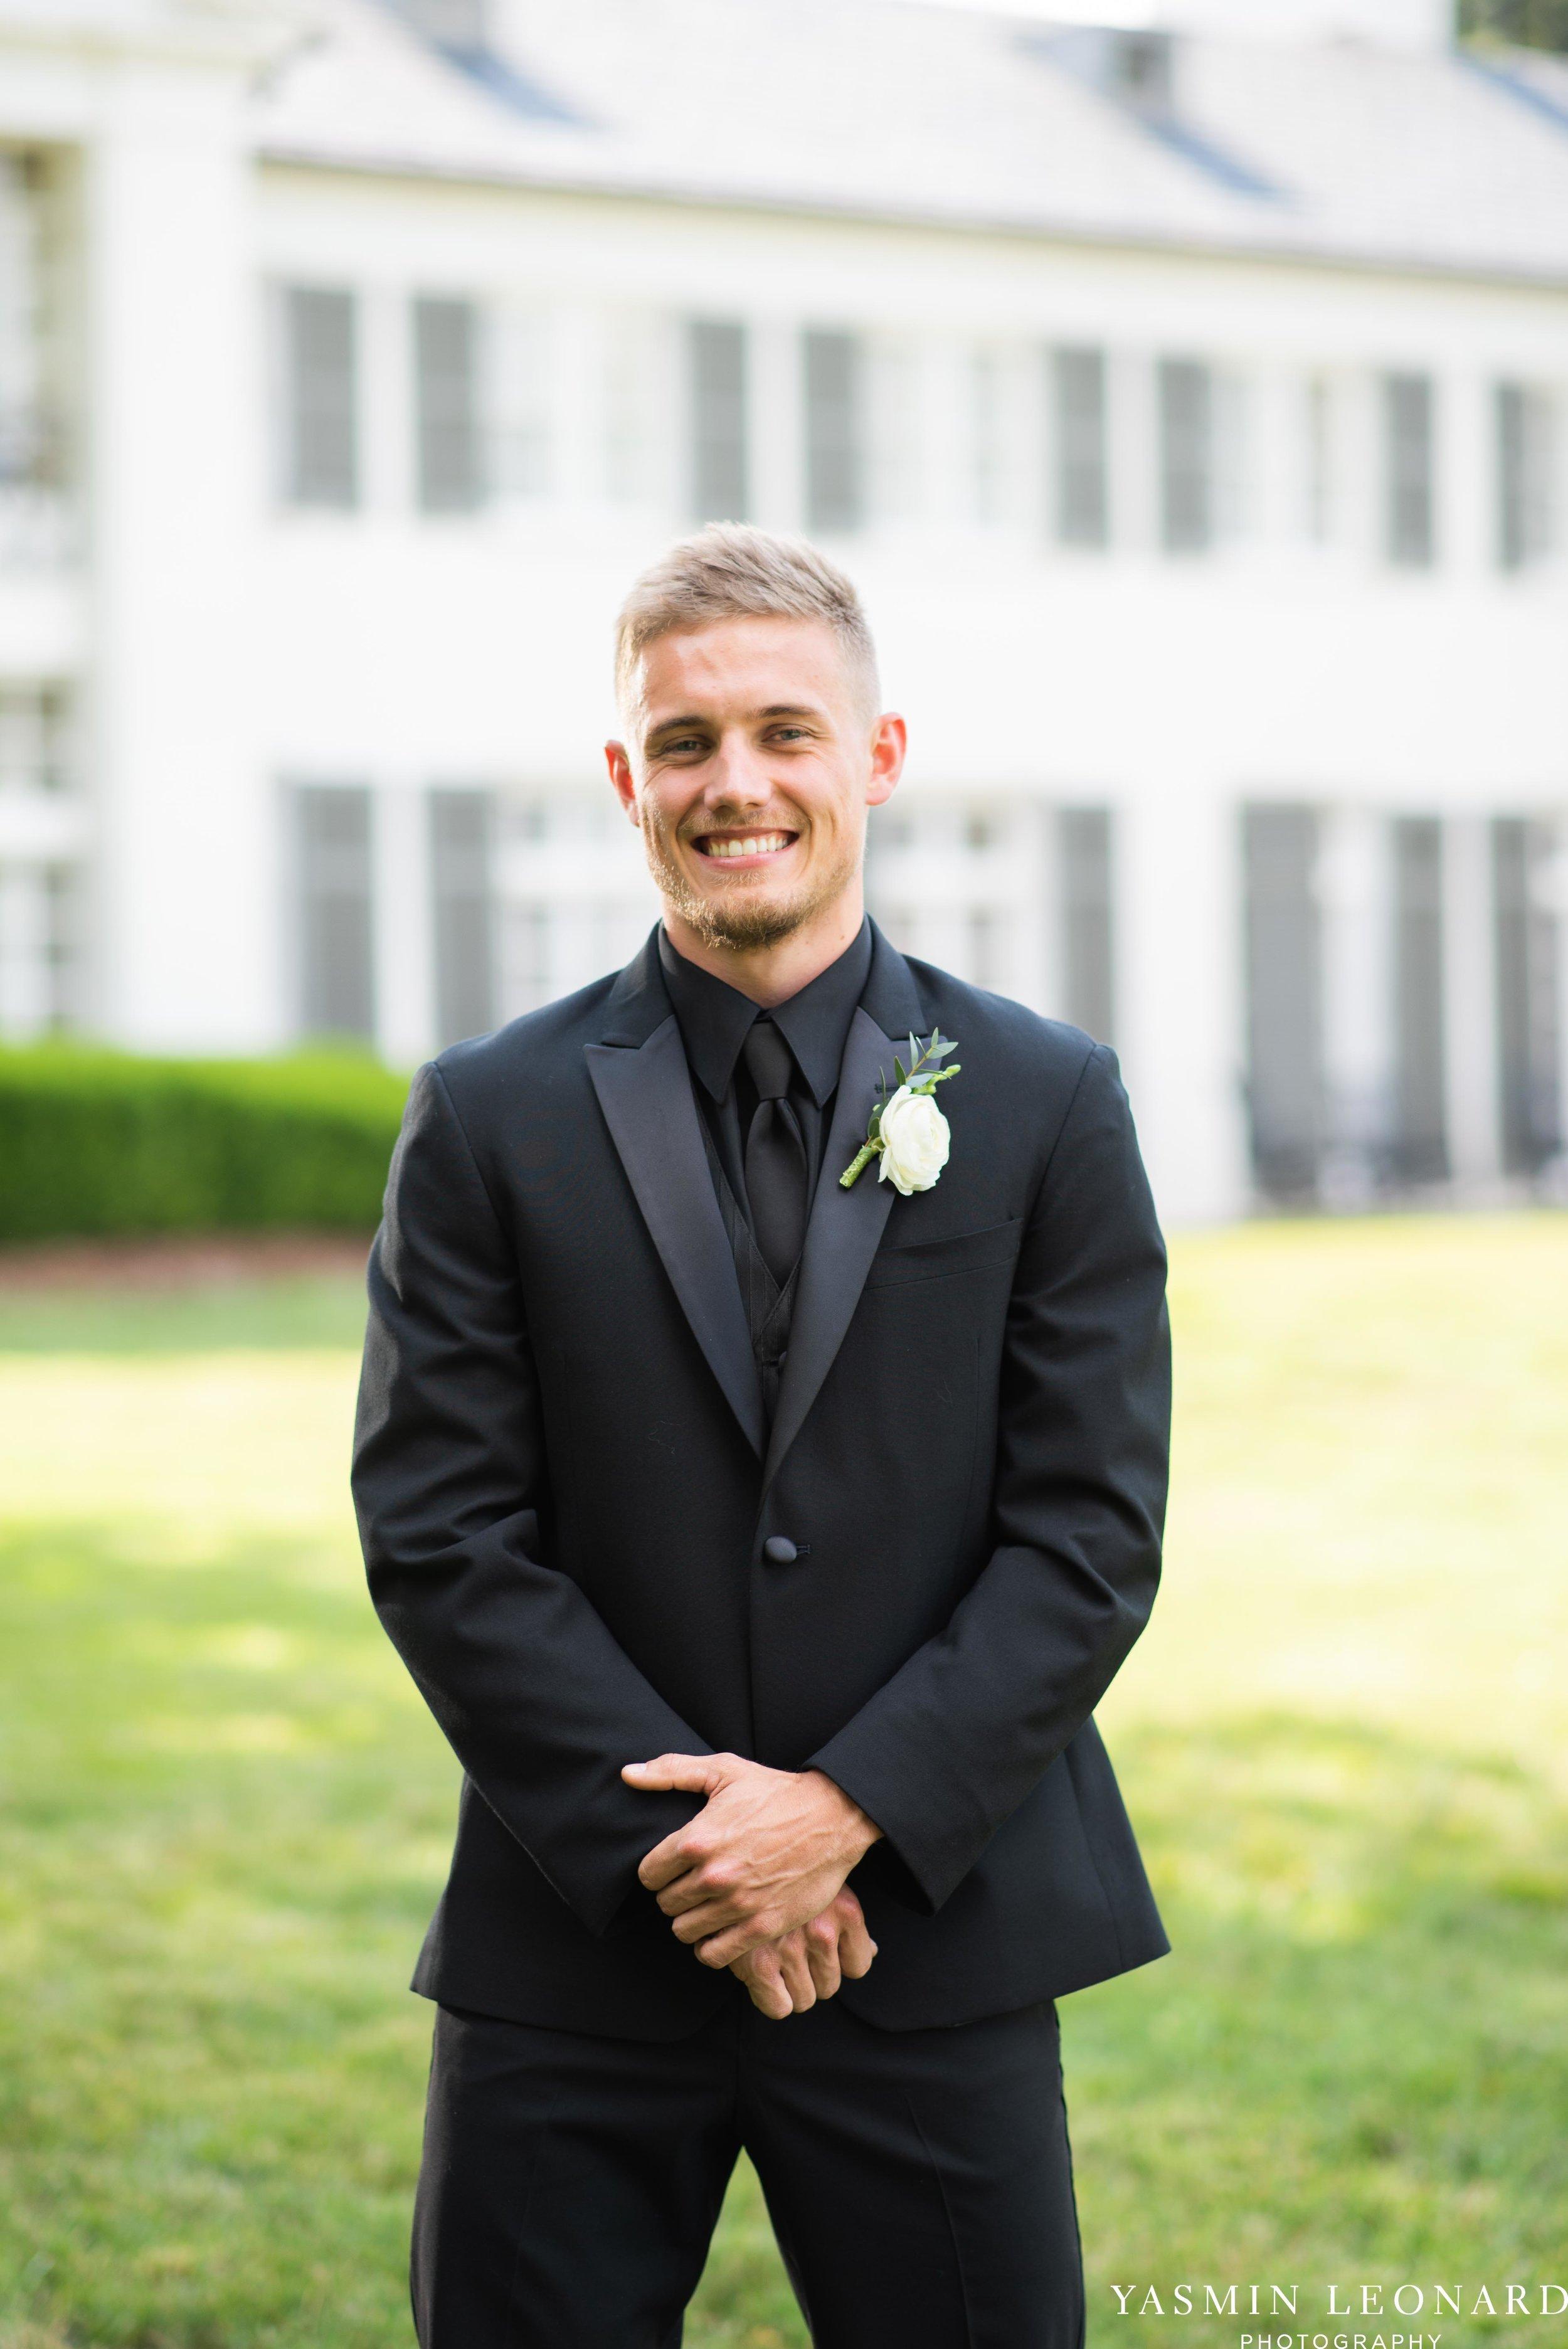 Boxwood Estate - Boxwood Estate Wedding - Luxury Wedding - Black and White Wedding - NC Wedding Venues - NC Weddings - NC Photographer - Lantern Release Grand Exit - Large Wedding Party - Yasmin Leonard Photography-13.jpg